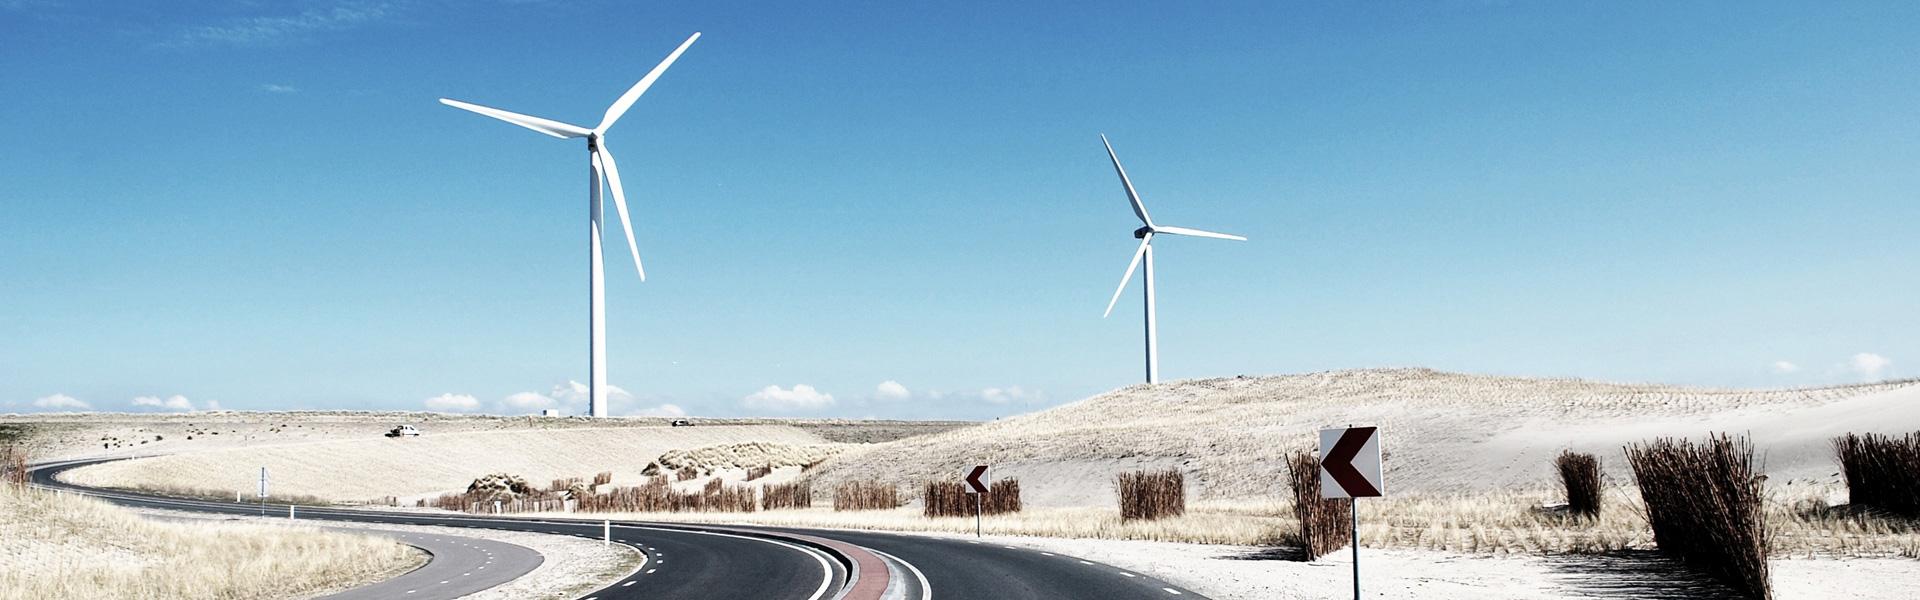 Erneuerbare Energien - News